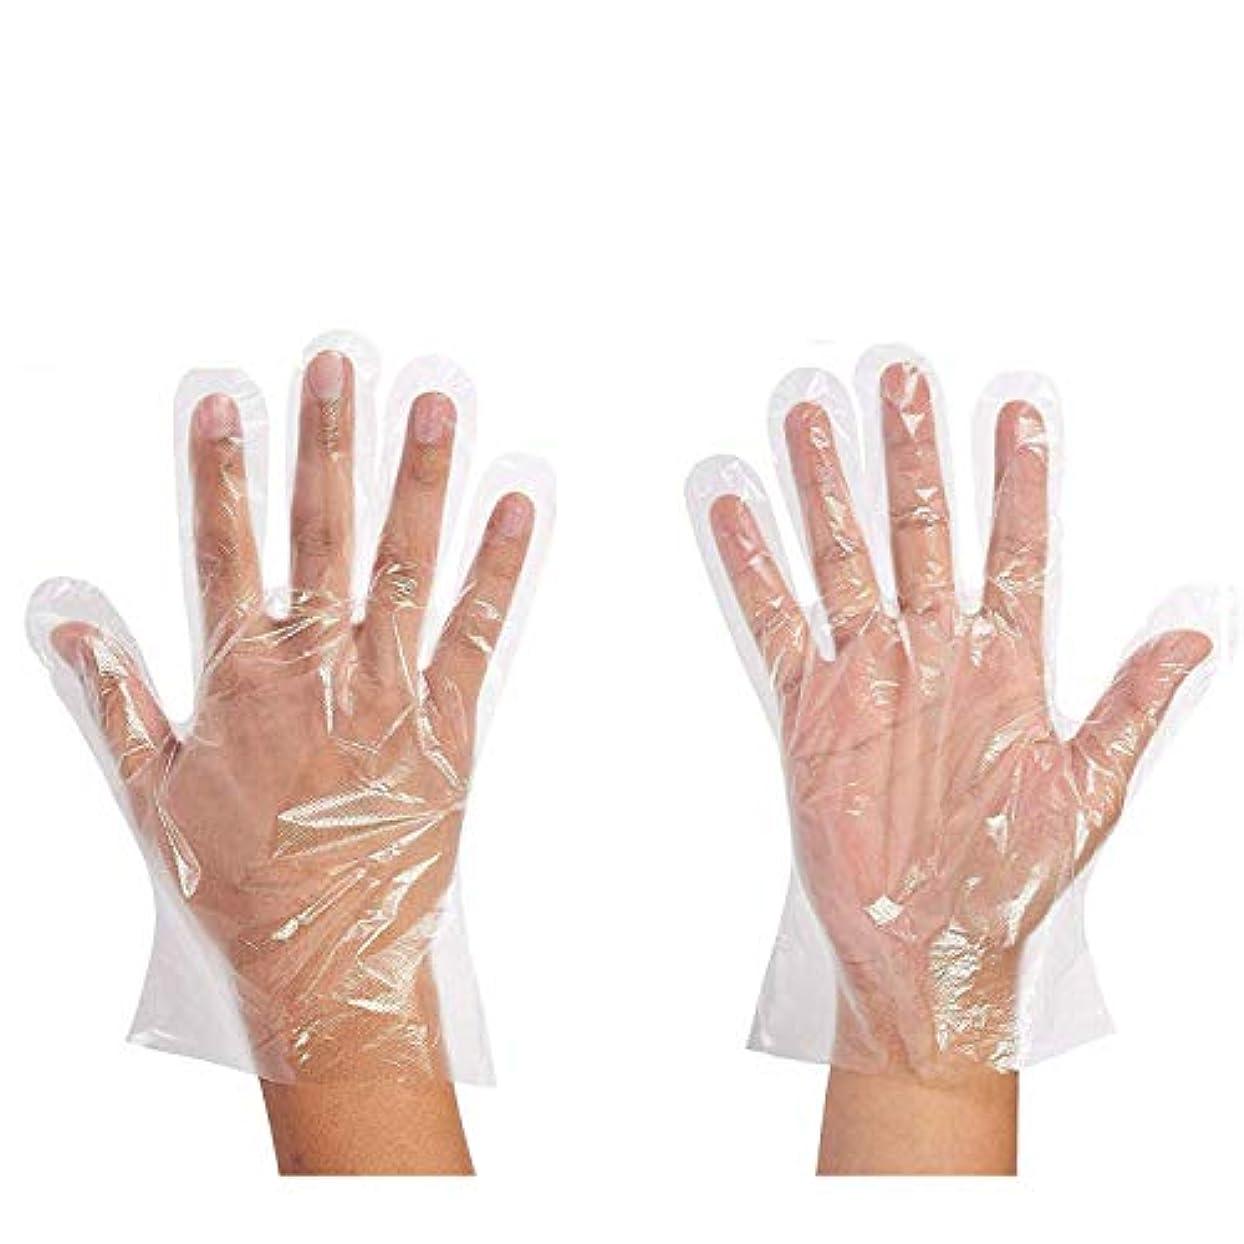 閲覧するスズメバチマラソン500枚セット使い捨て手袋 ポリエチレン 極薄ビニール手袋 実用 衛生 極薄手袋毛染めに 調理に お掃除に 透明